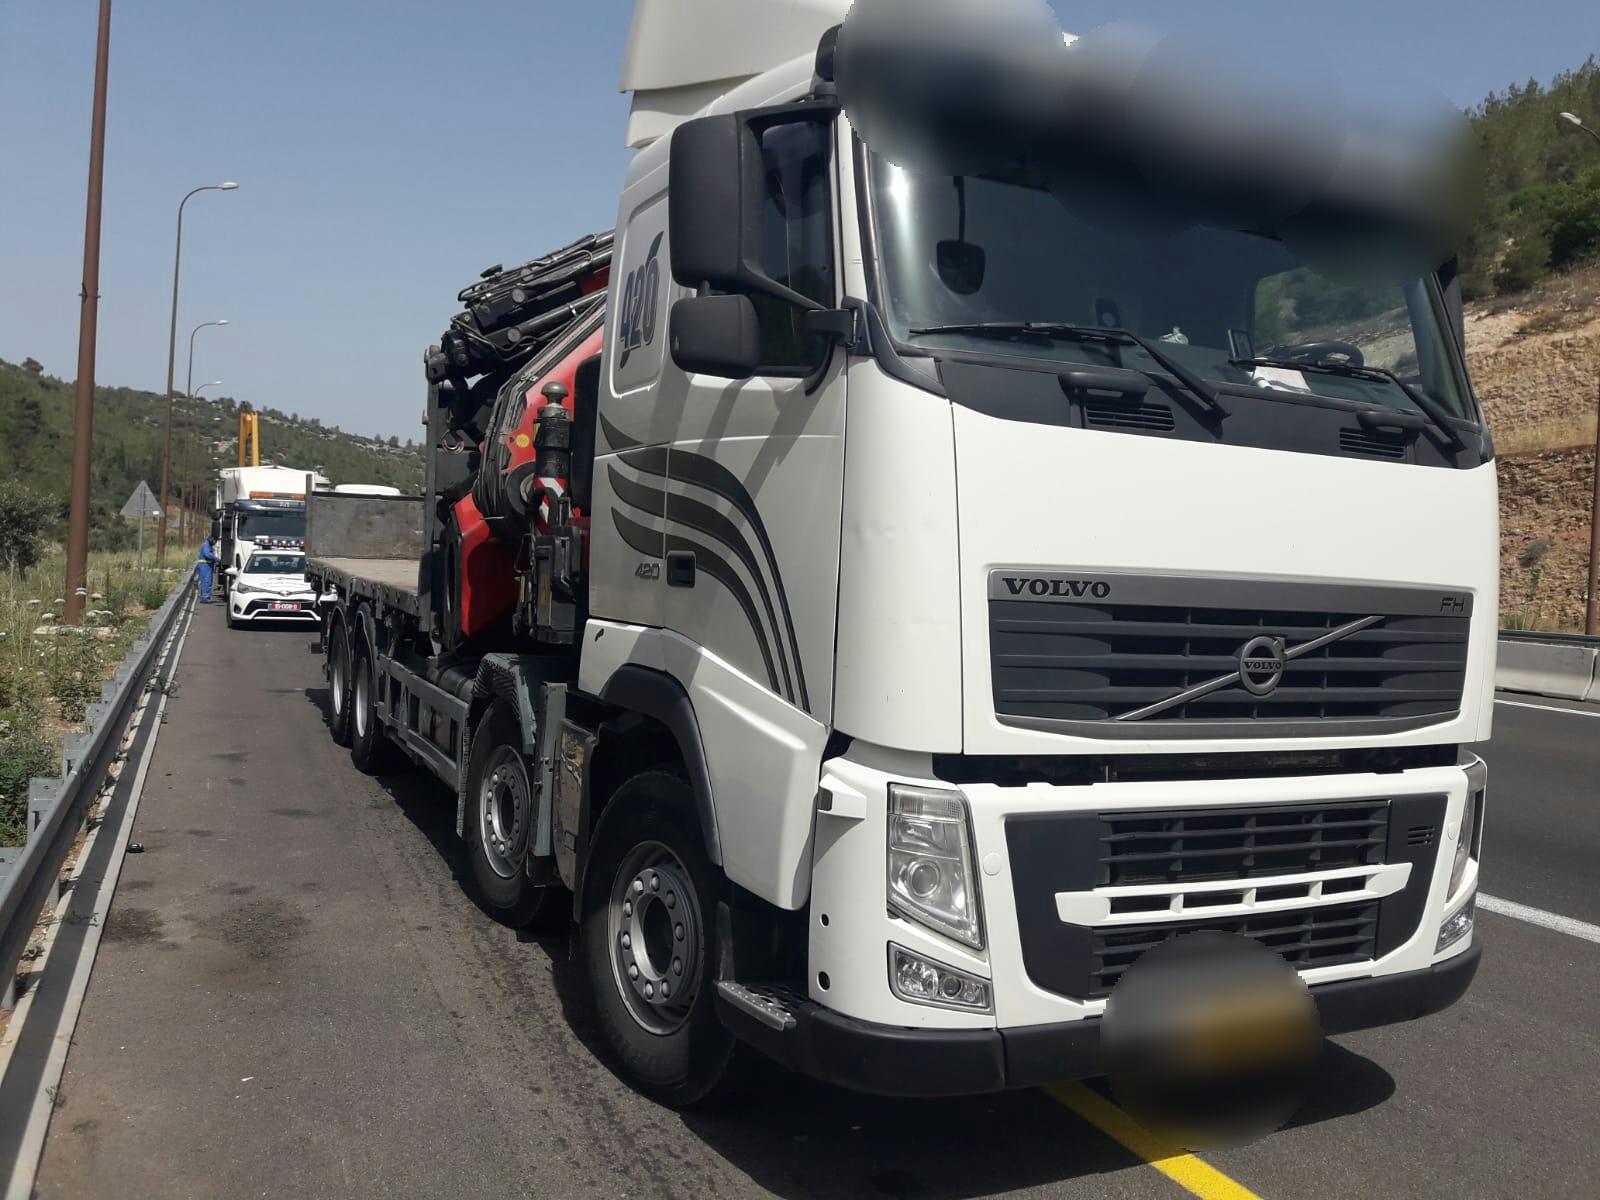 פצצה מתקתקת: נהג על משאית כבדה ללא רישיון